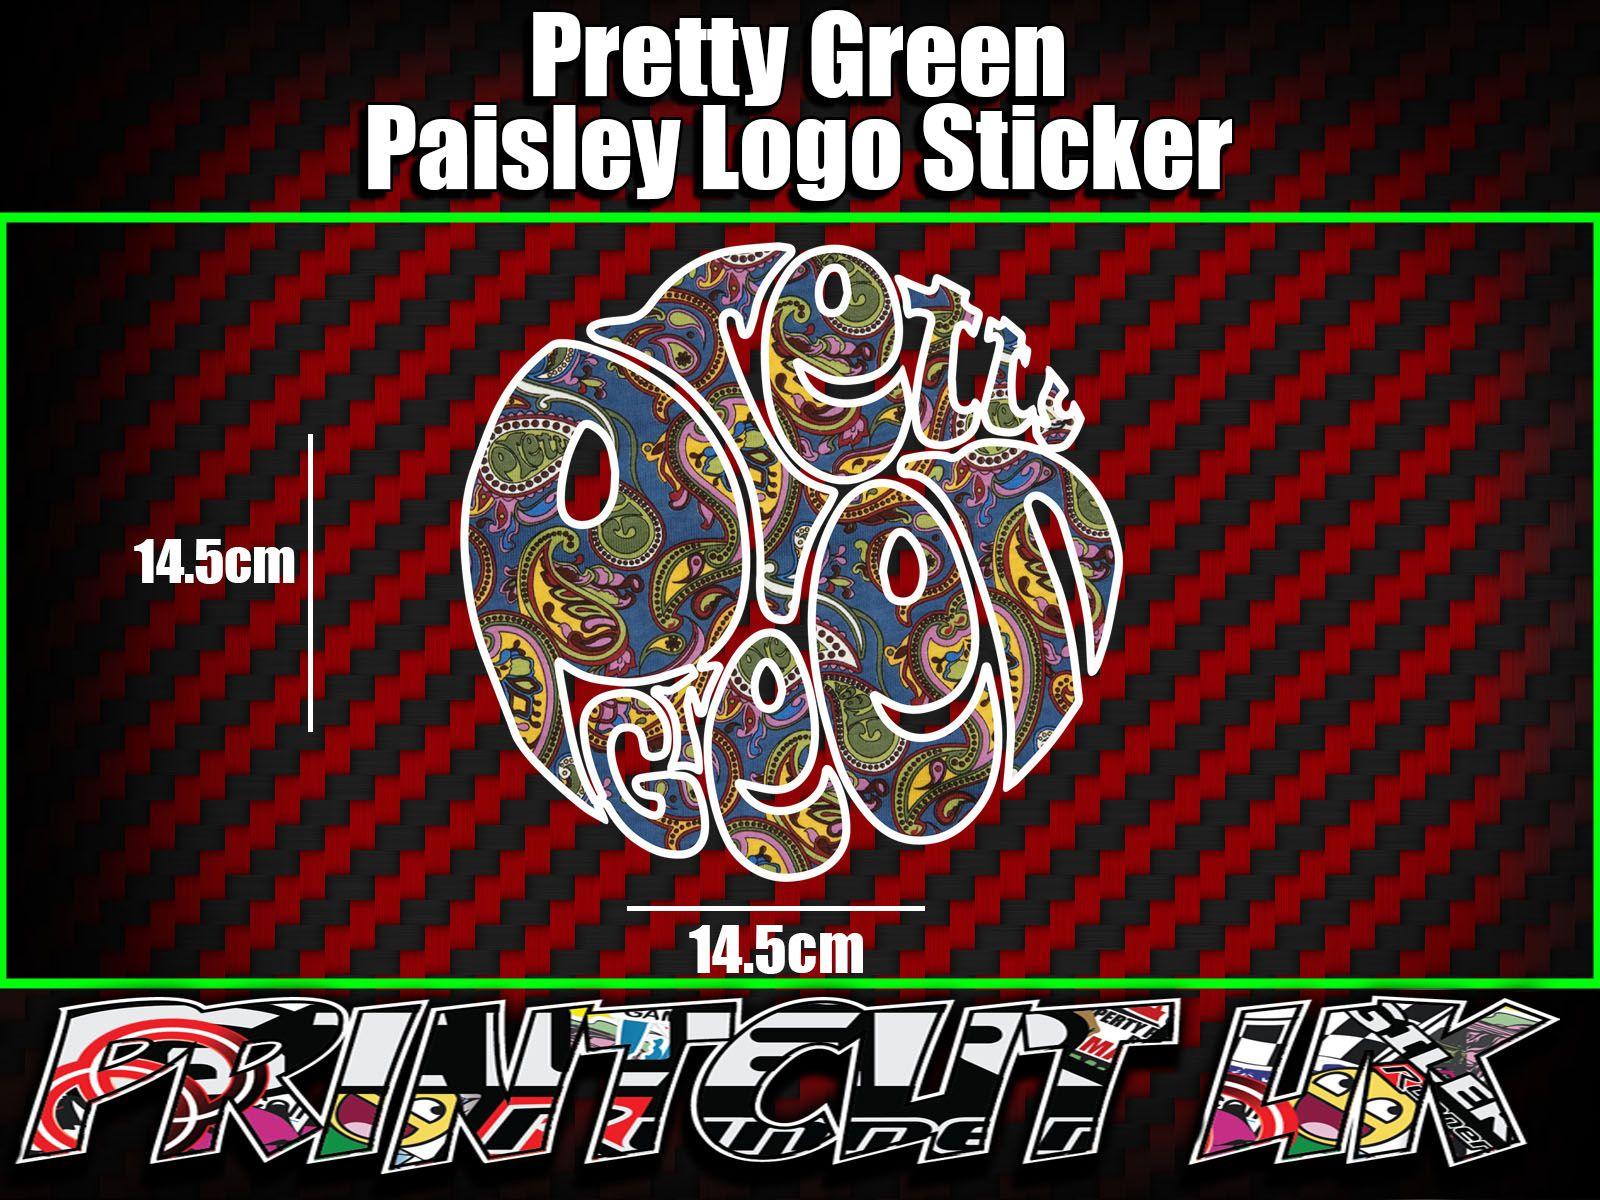 Pretty Green Paisley Logo Sticker X1 Vespa Scooter Lambretta Mod Scomadi